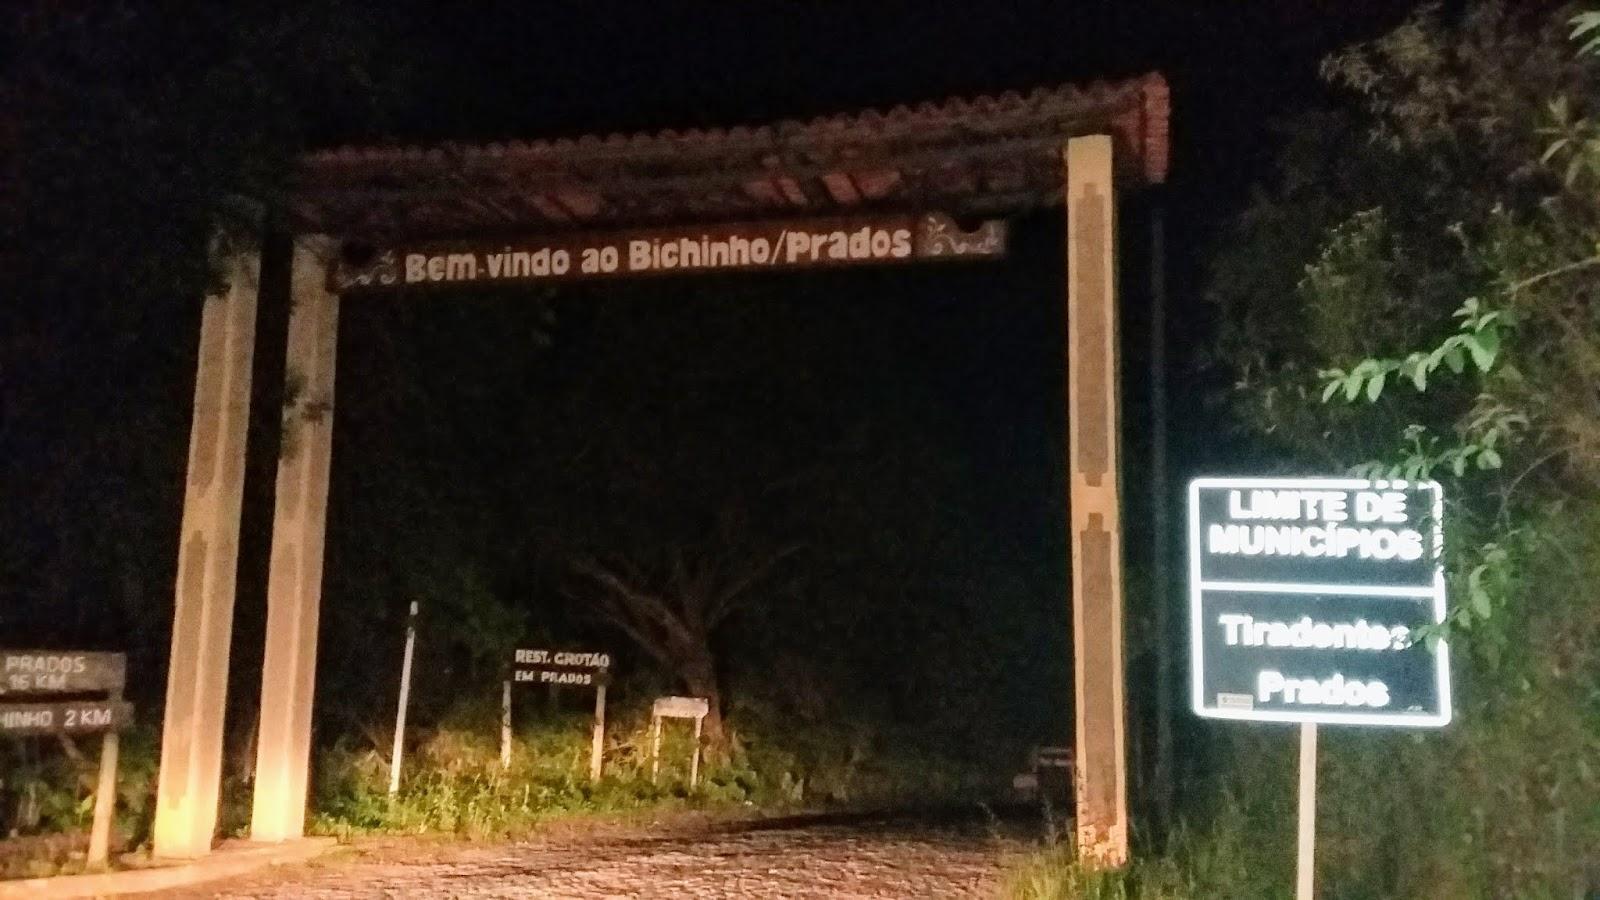 Portal do distrito de Bichinho em Prados